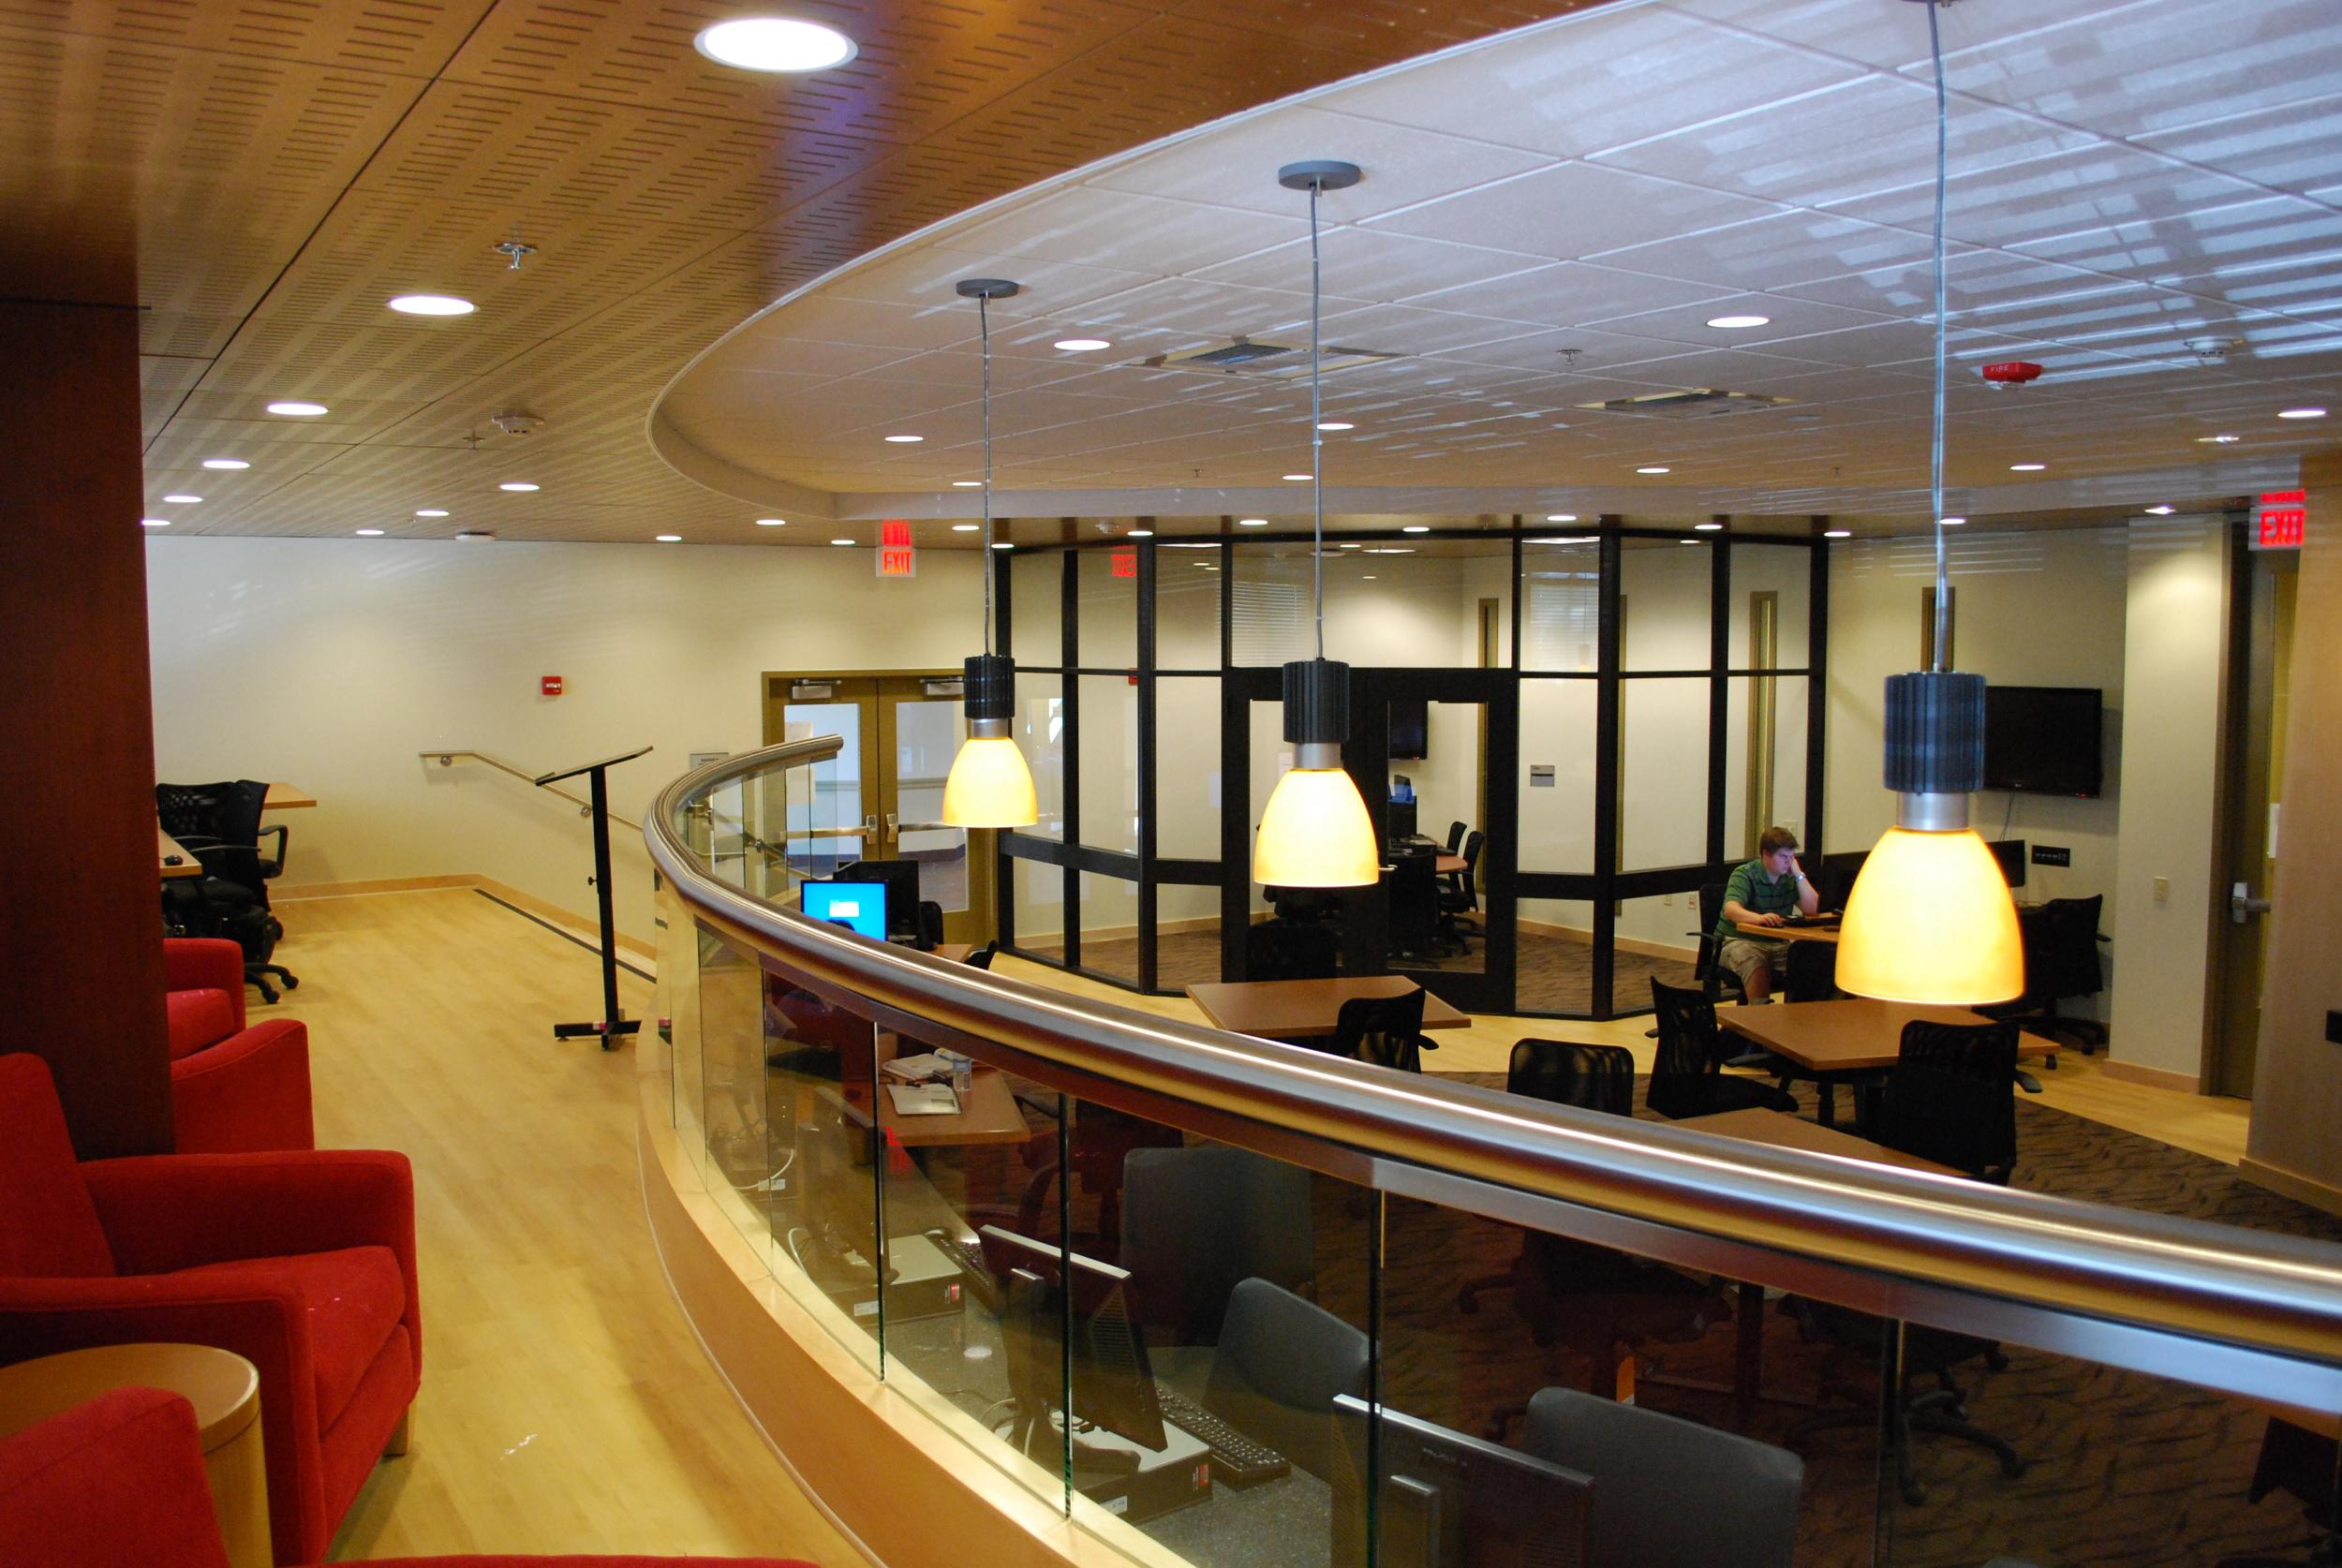 Academic Computing Building Cyber Café, Claremont Graduate University